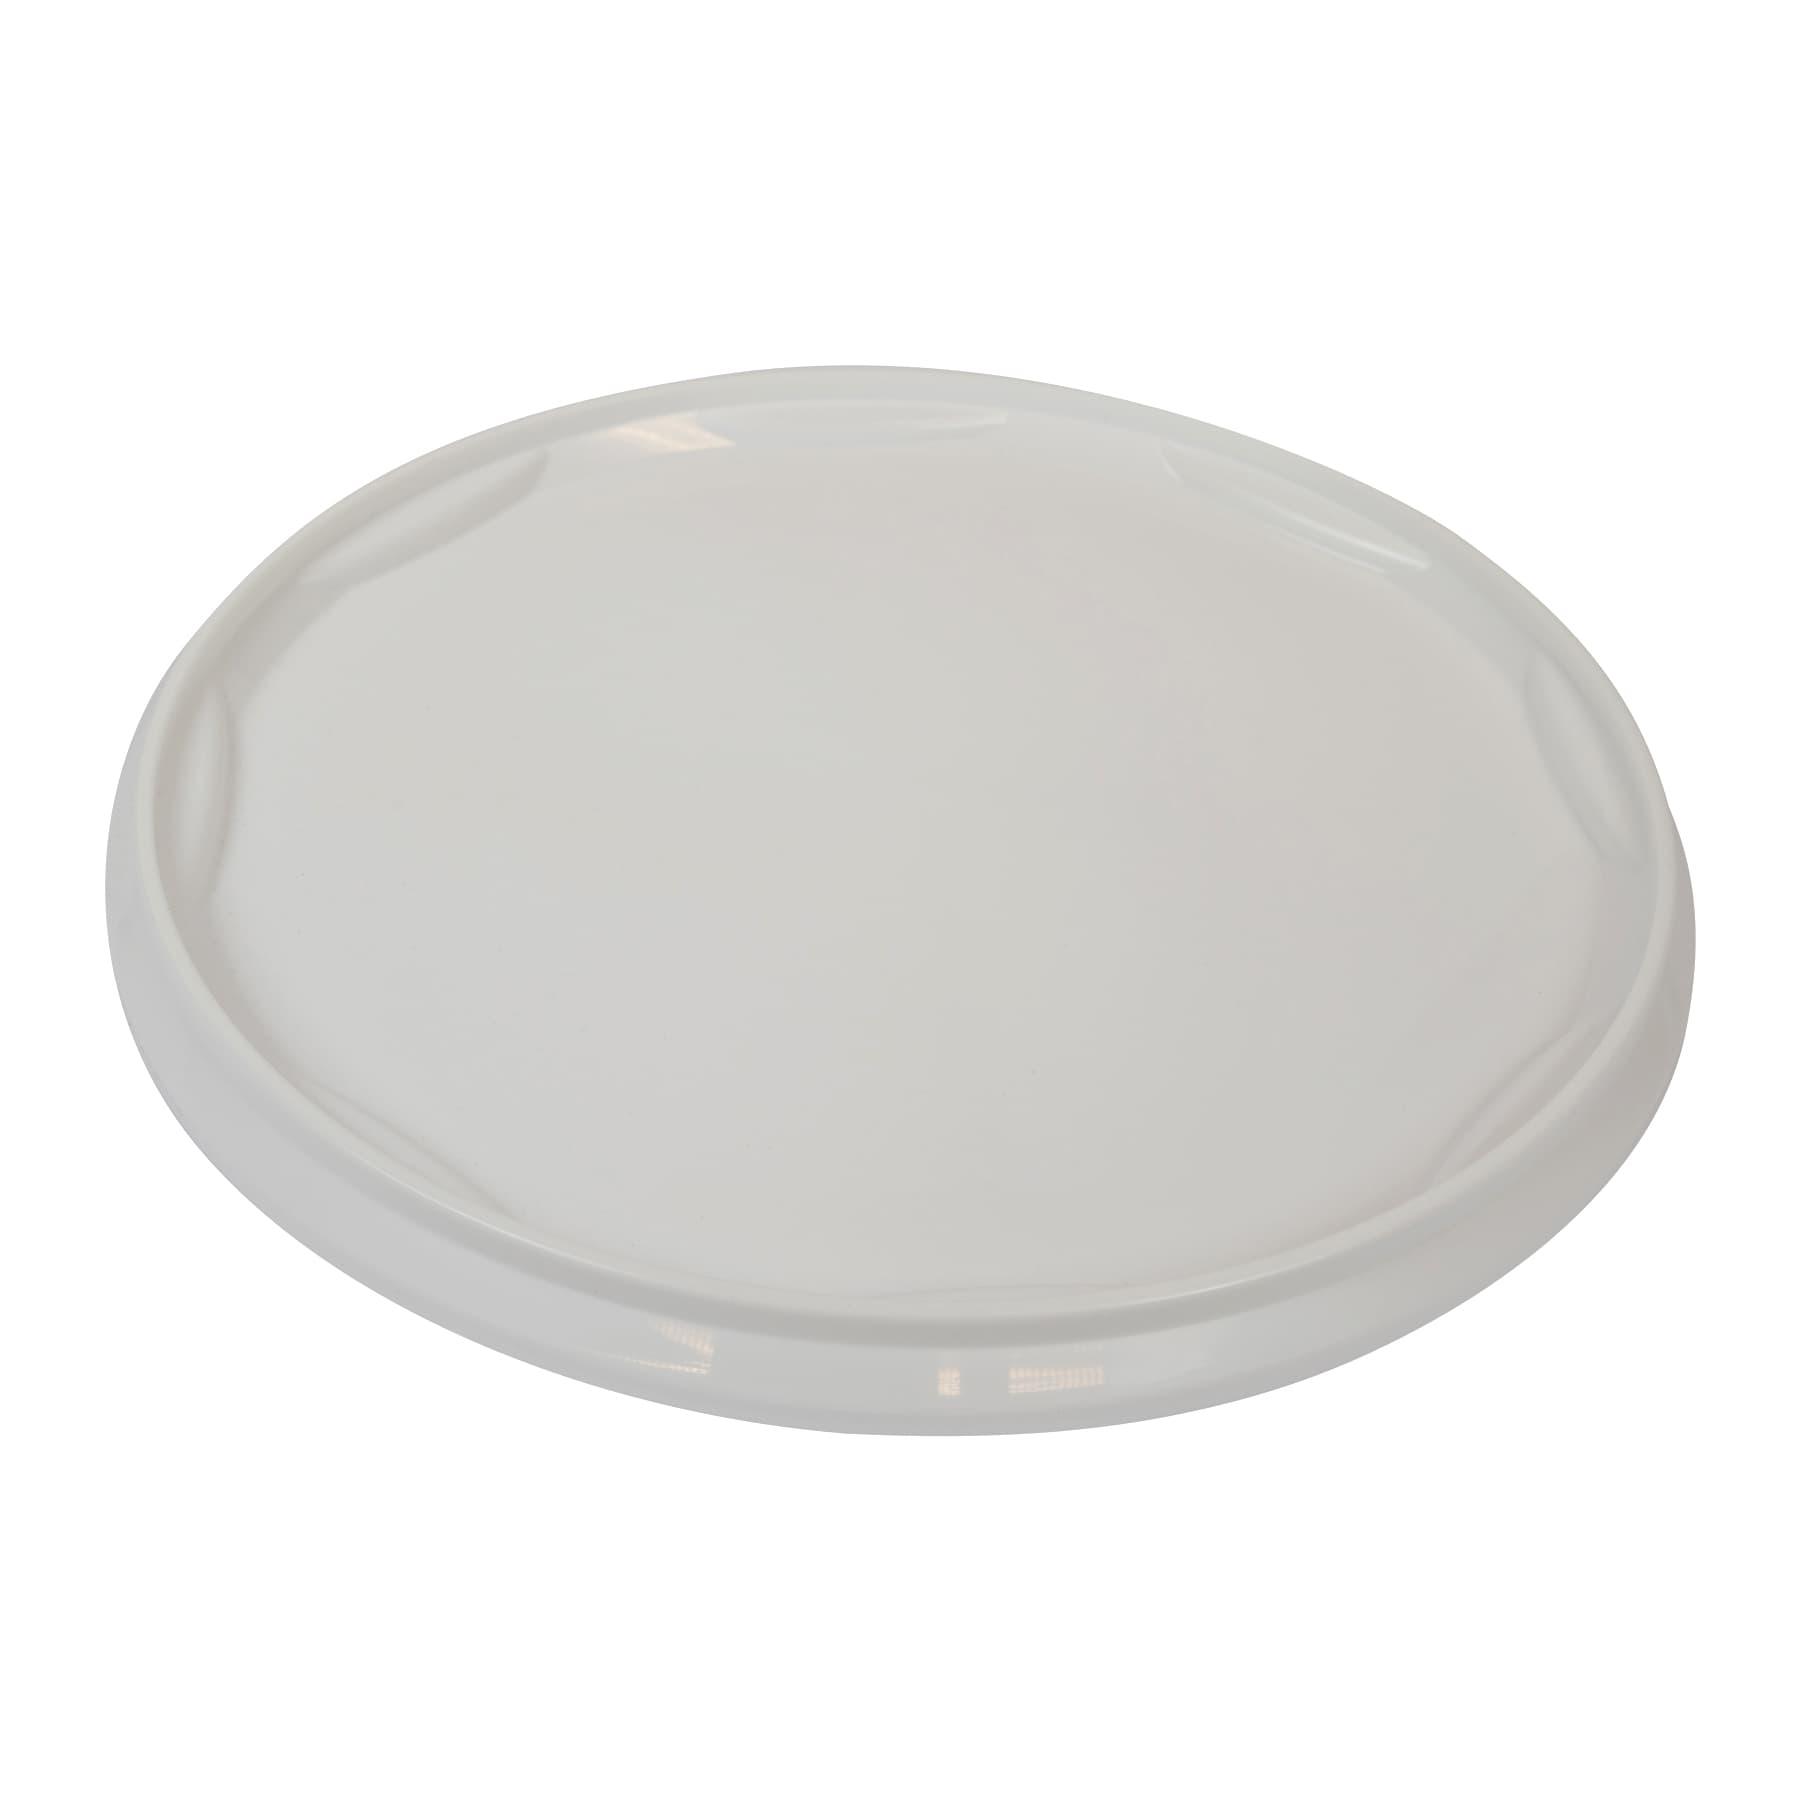 Ersatzdeckel für Hobbock 40 kg, Kunststoffeimer ca. 30 l mit Deckel für ca. 40 kg Honig